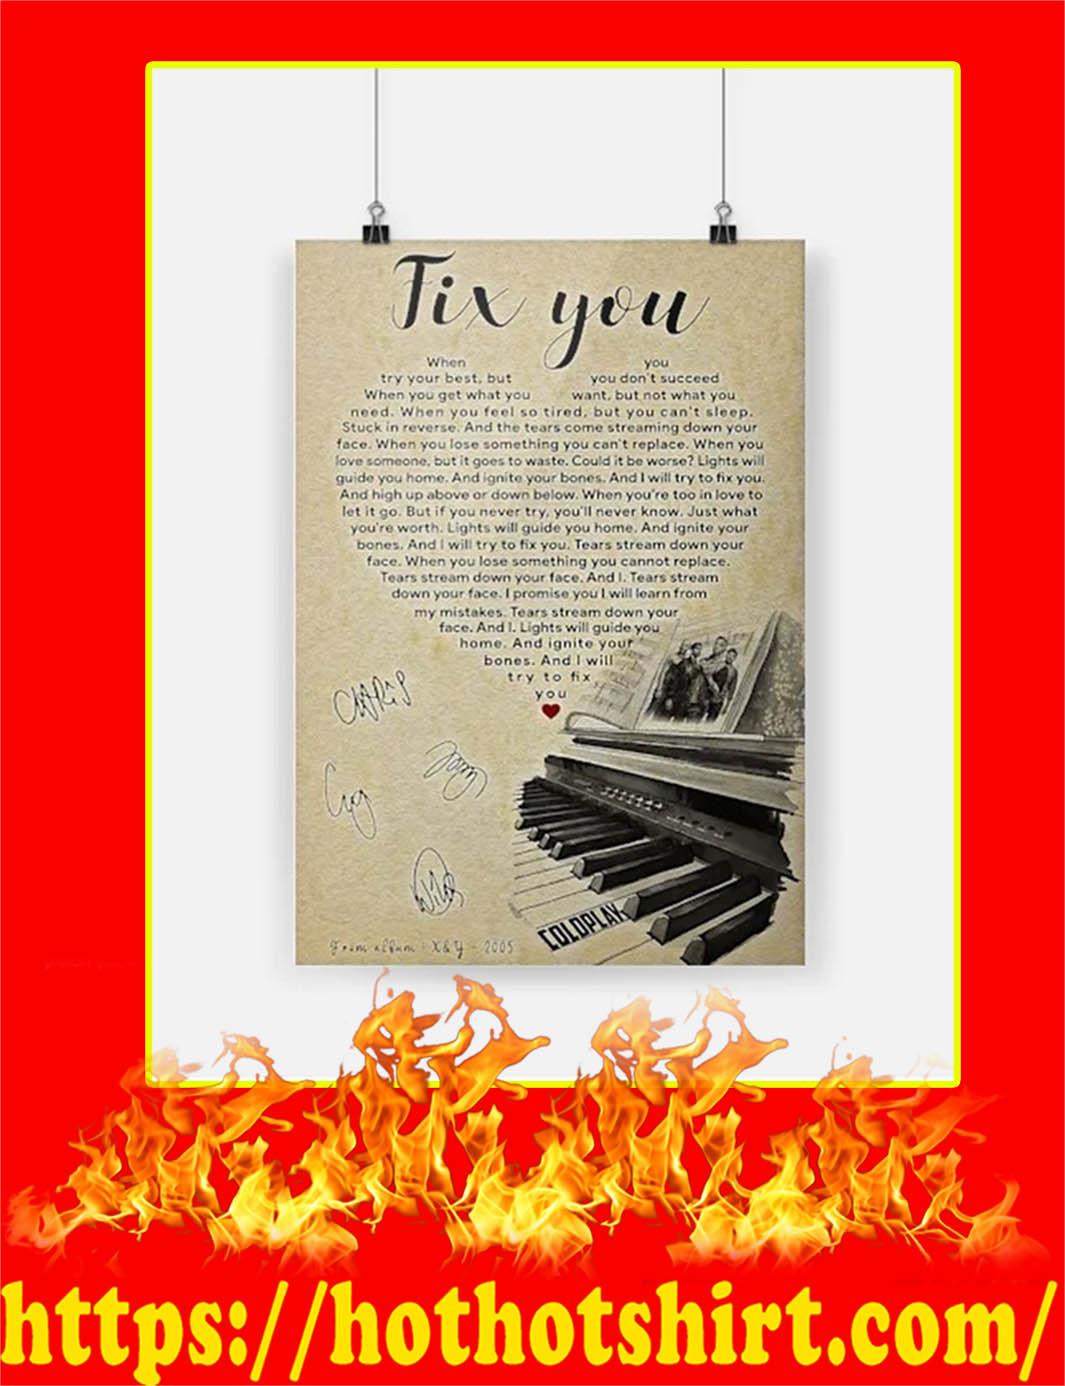 Fix You Coldplay Signature Poster - A2